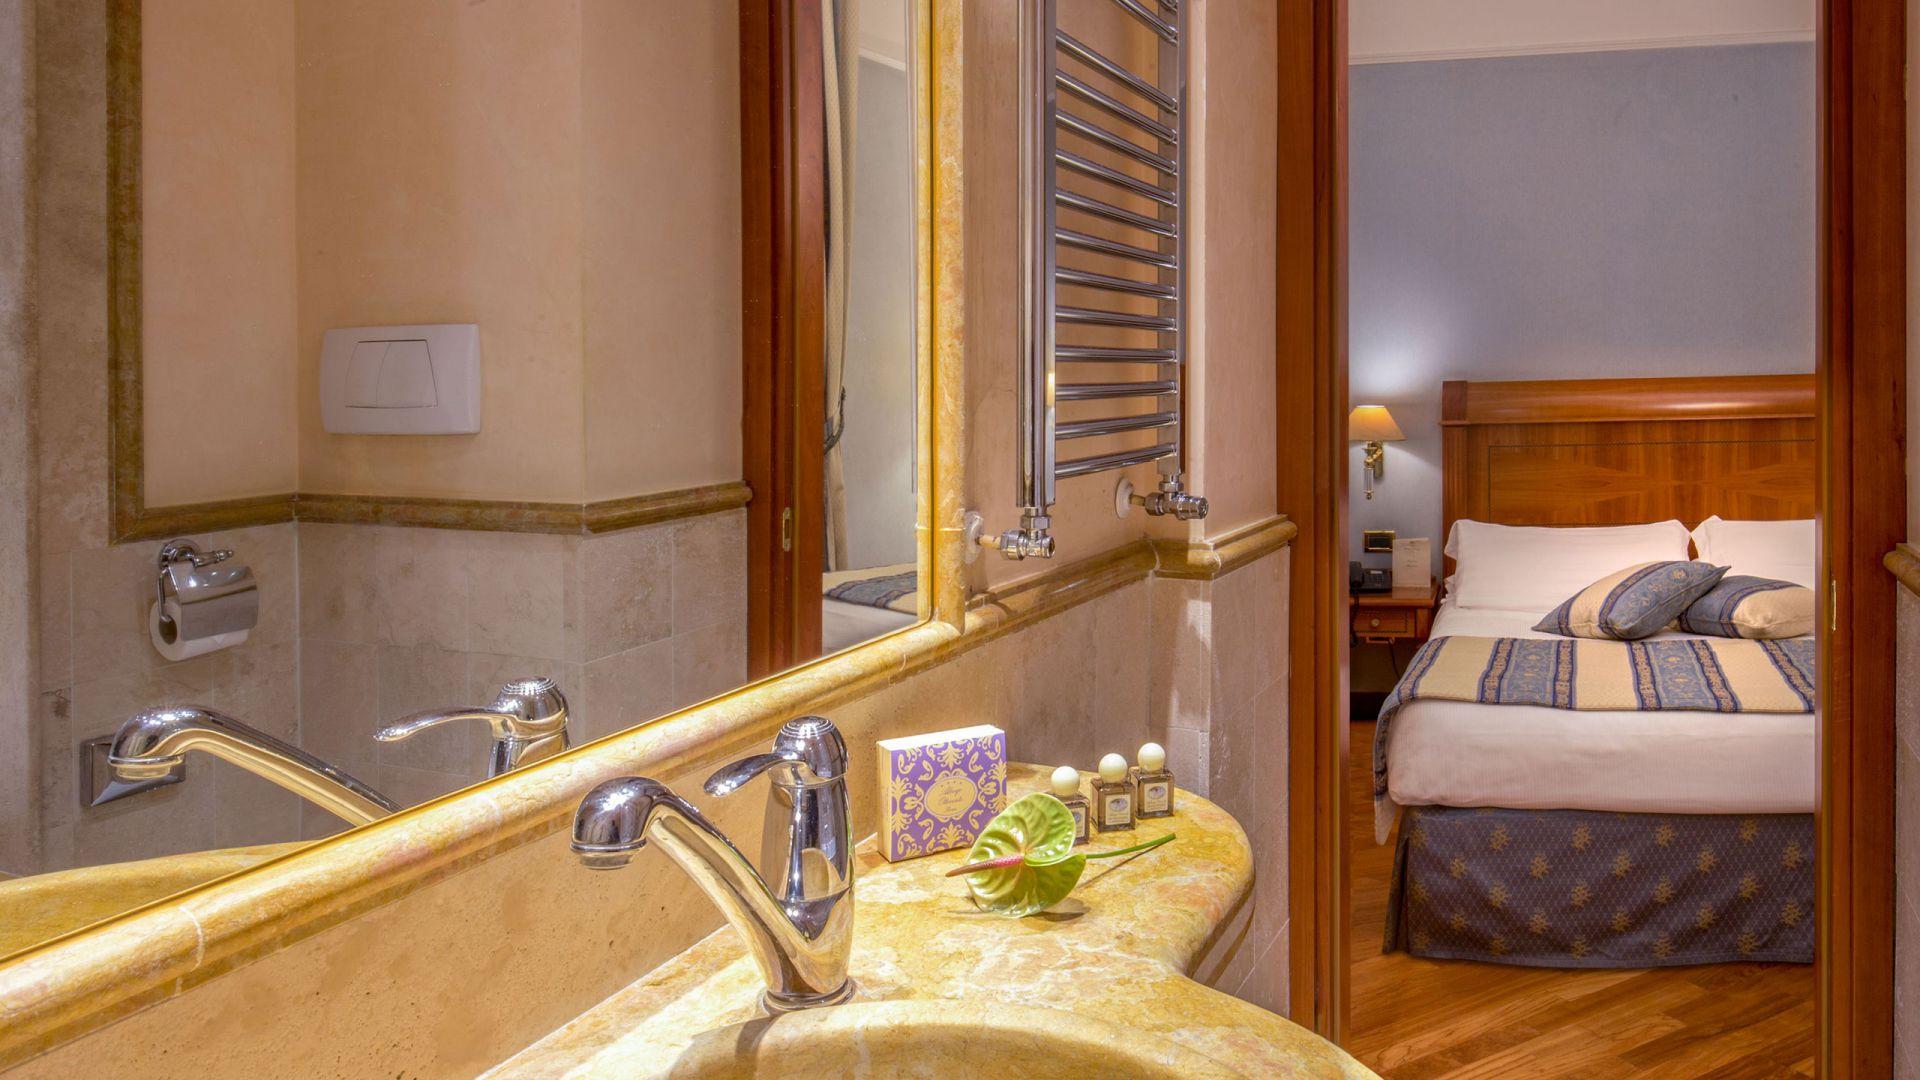 albergo-ottocento-rome-double-room-classic-02